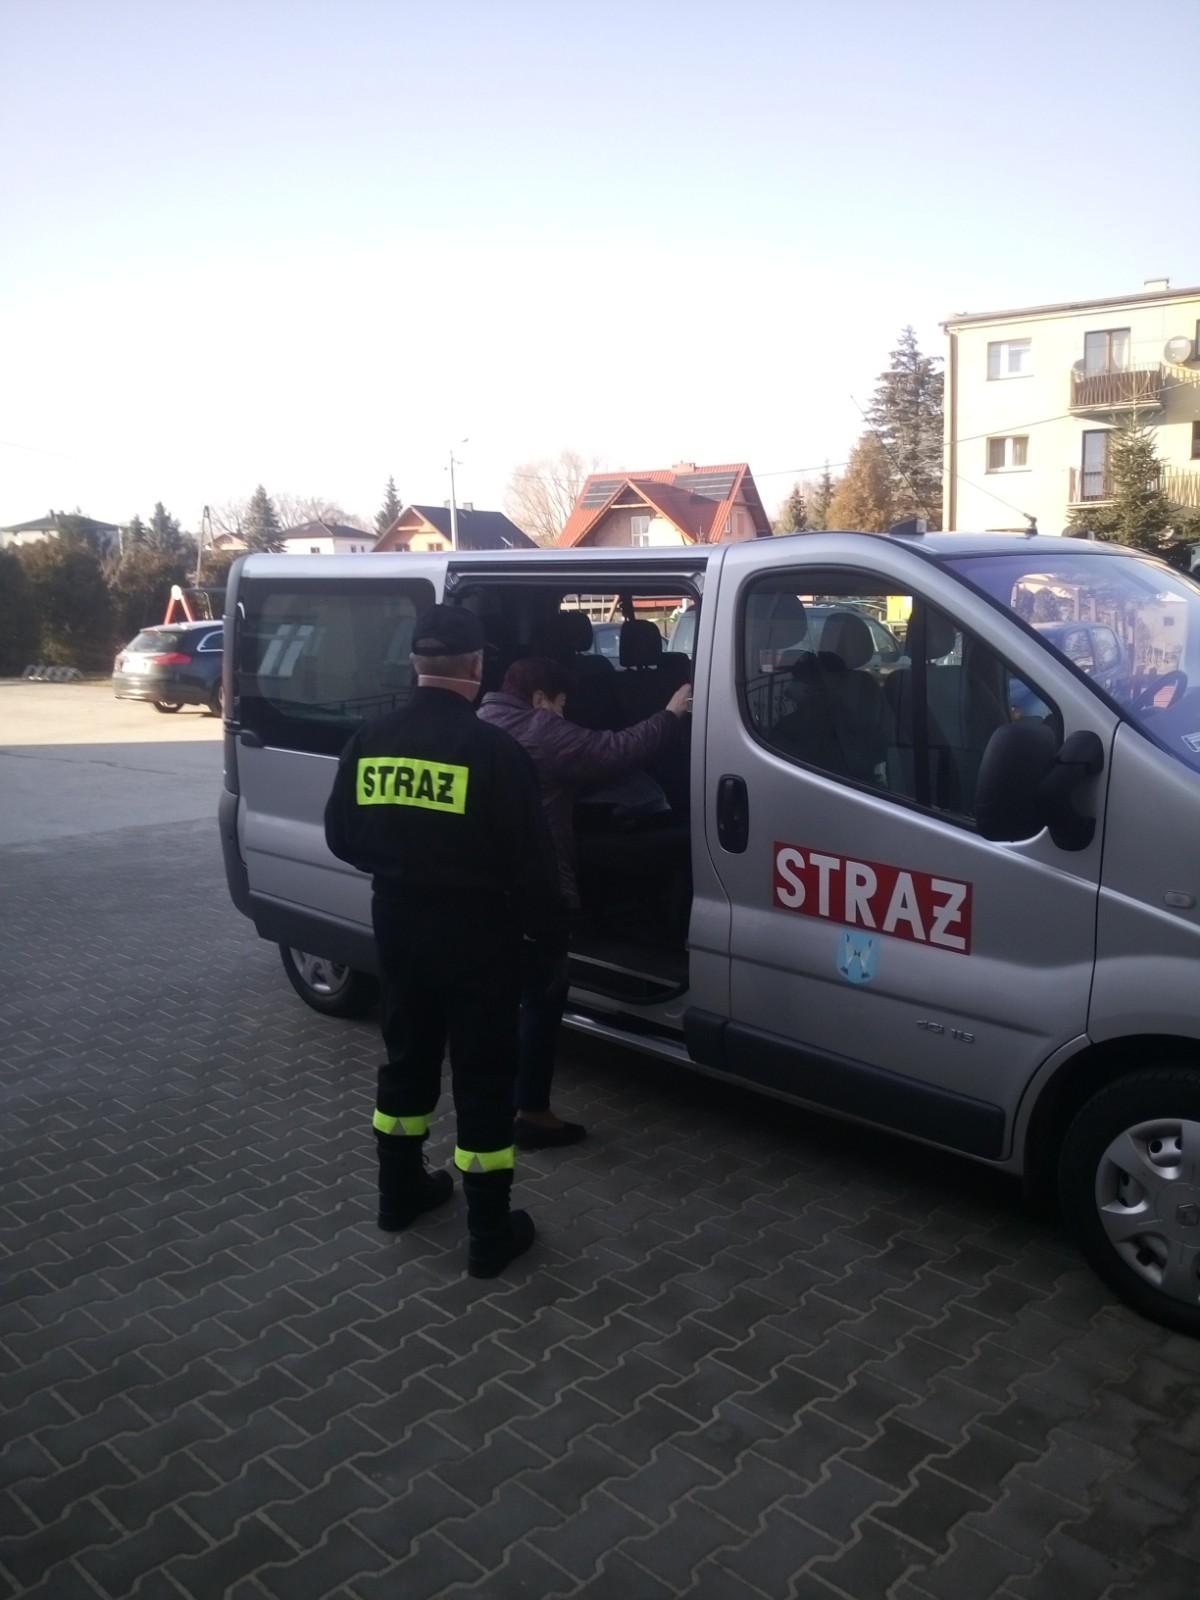 Strażacy pomagają dostać się do pojazdu osobie udającej się do punktu szczepienia